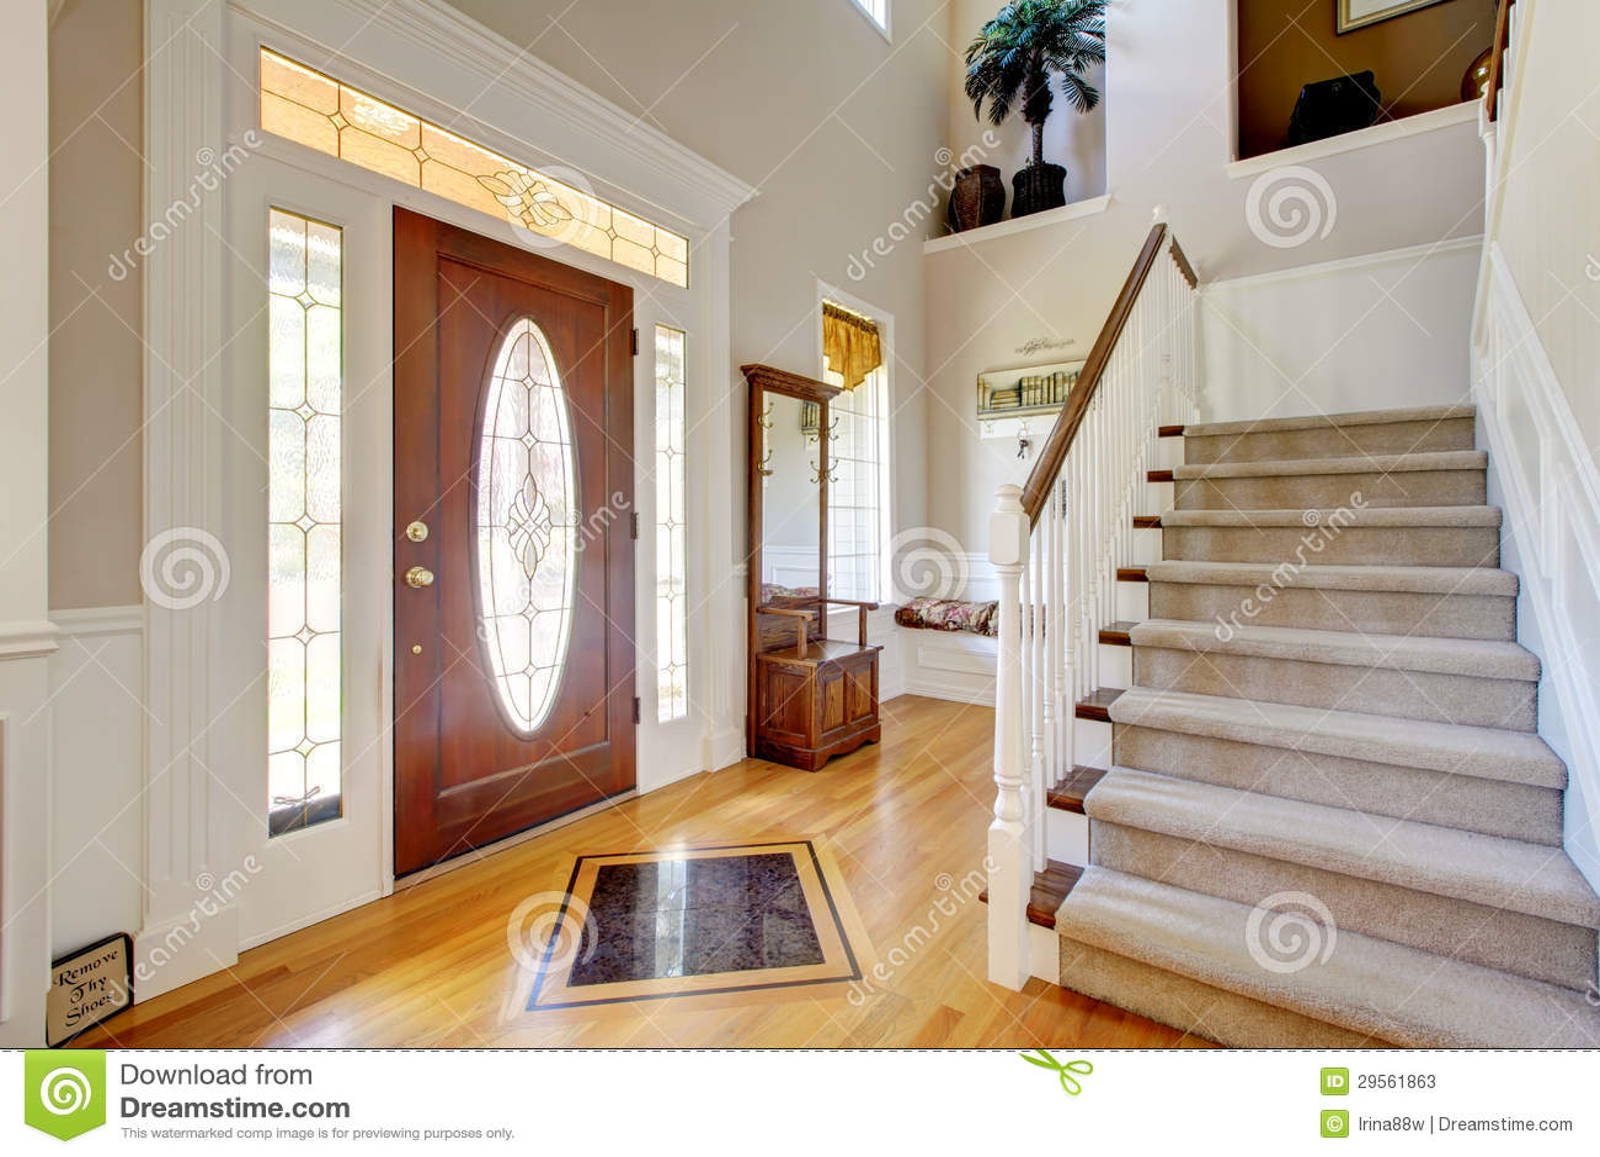 Classic american home entrance interior with staircase - Entree de maison avec escalier ...